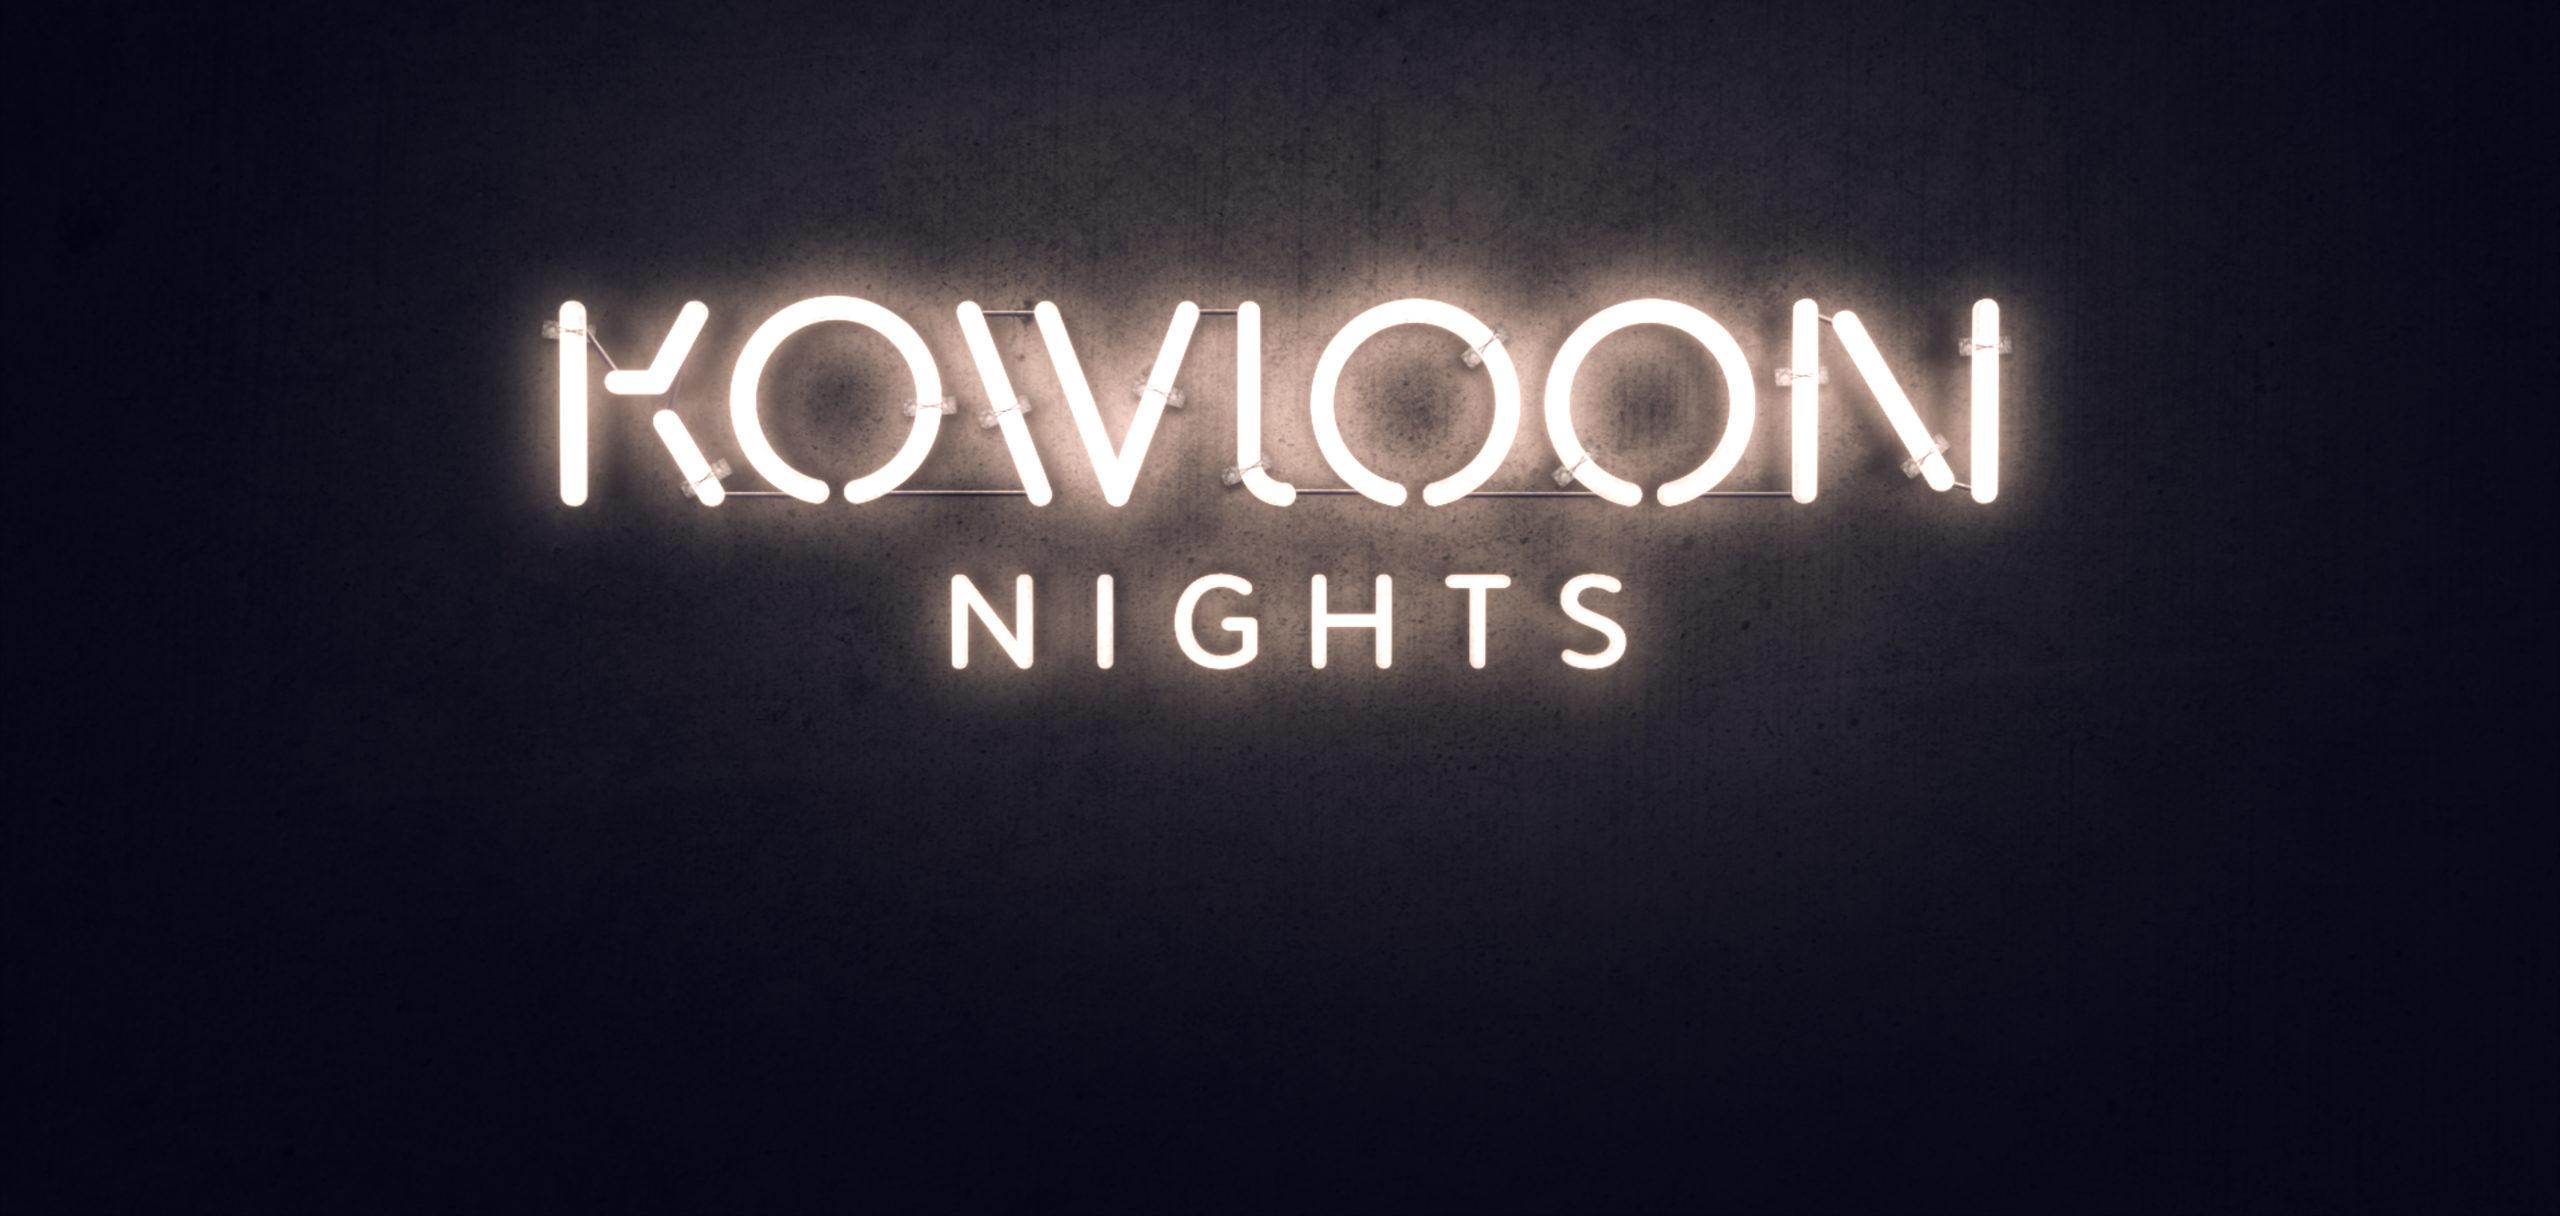 Kowloon Nights инвестировали в 8 независимых игровых студий